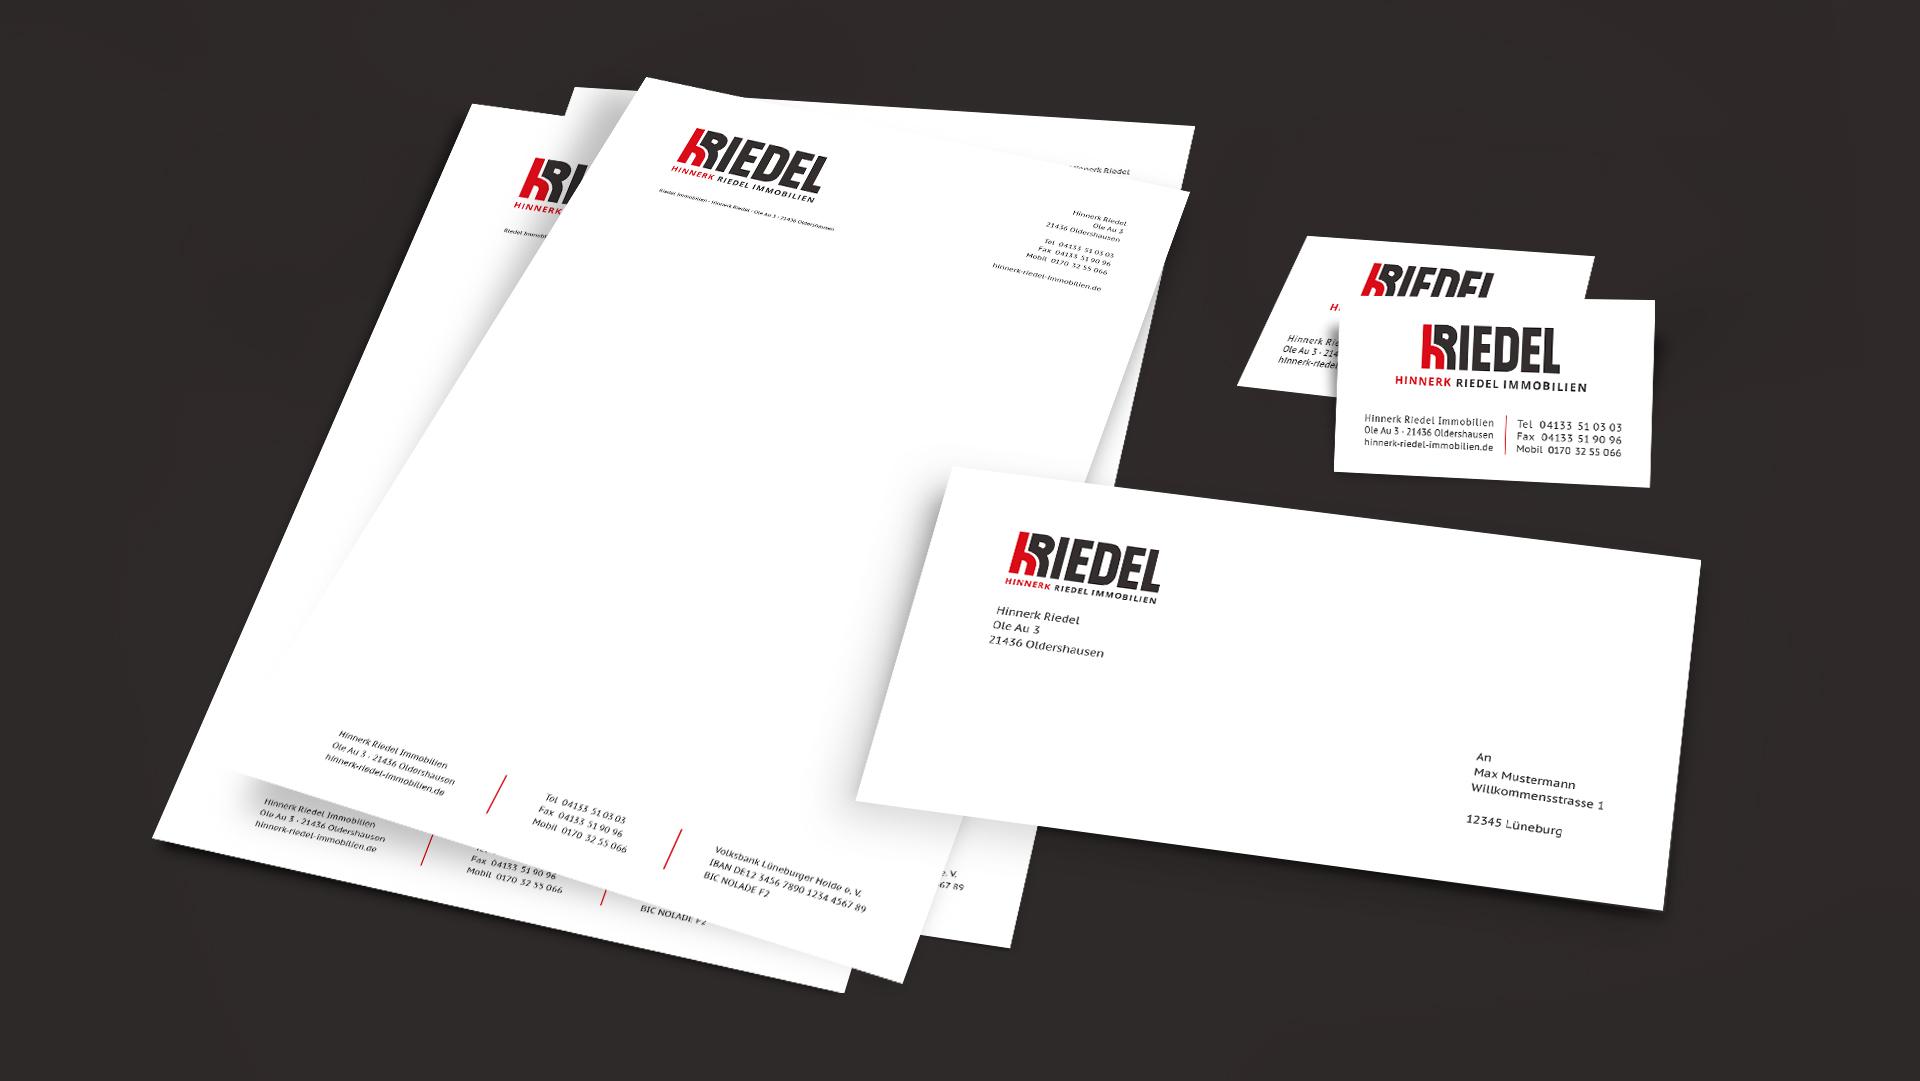 Briefpapier, Briefumschlag und Visitenkarten Hinnerk Riedel Immobilien